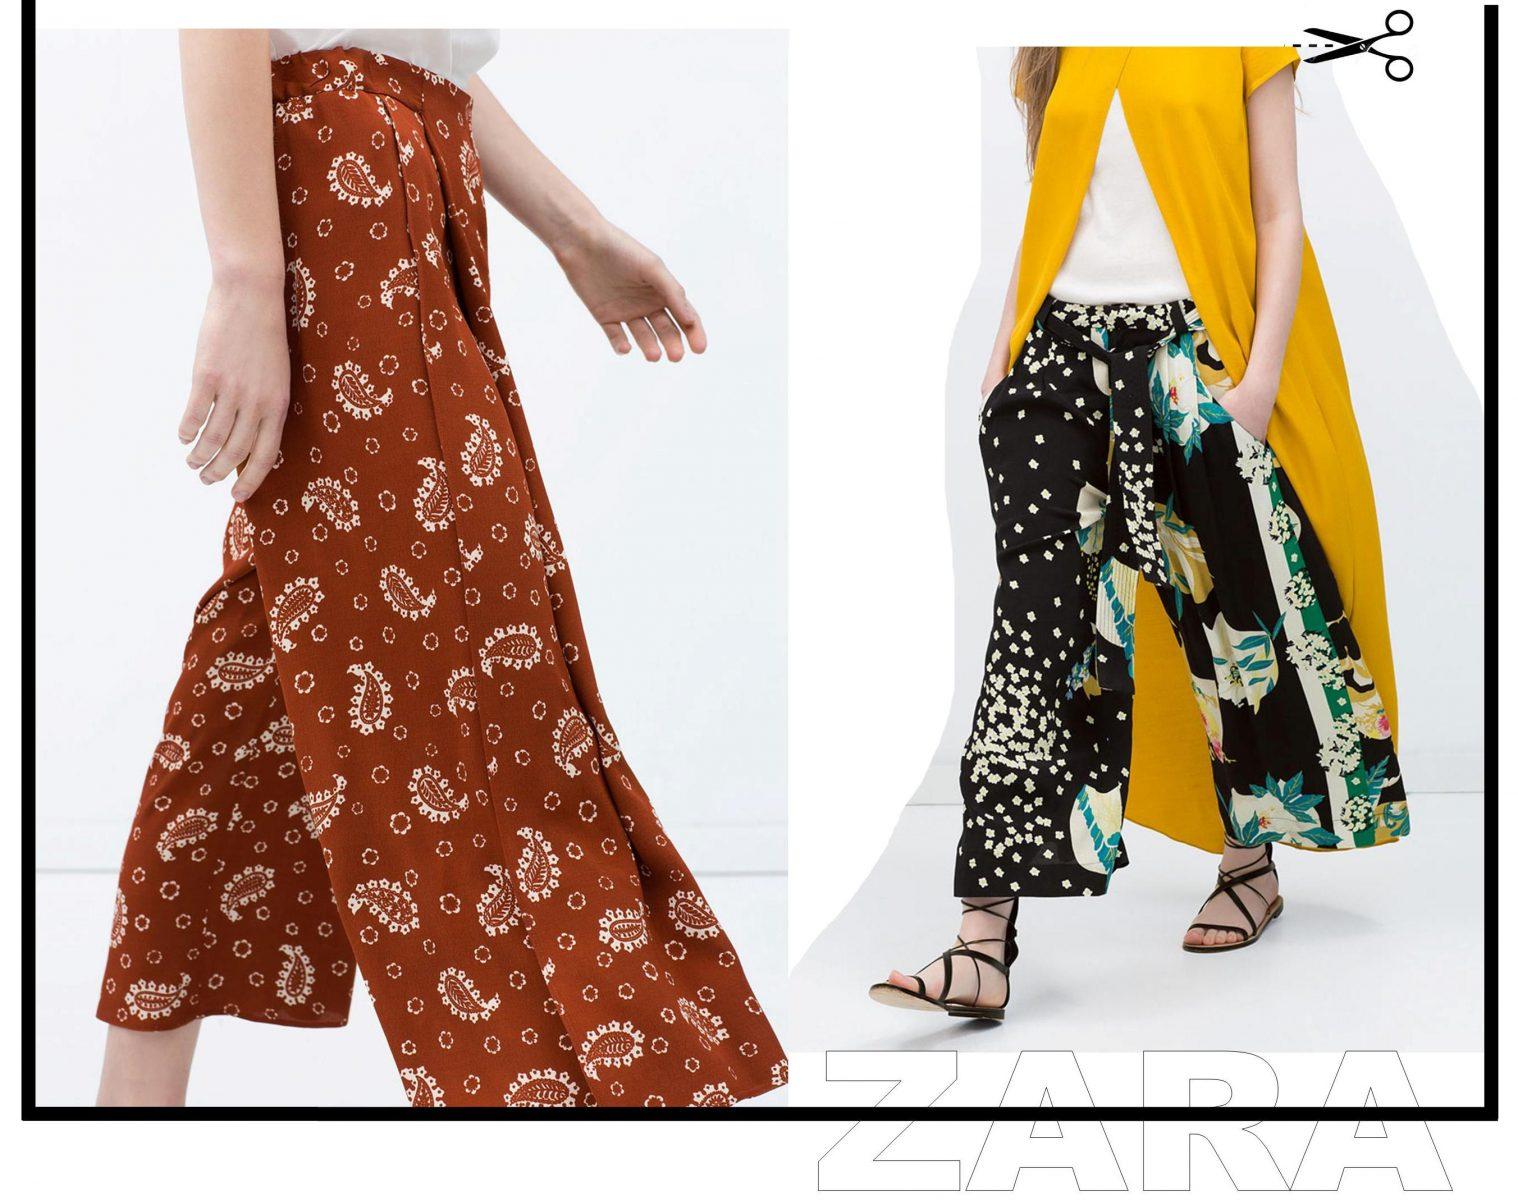 dresscode-summer-2